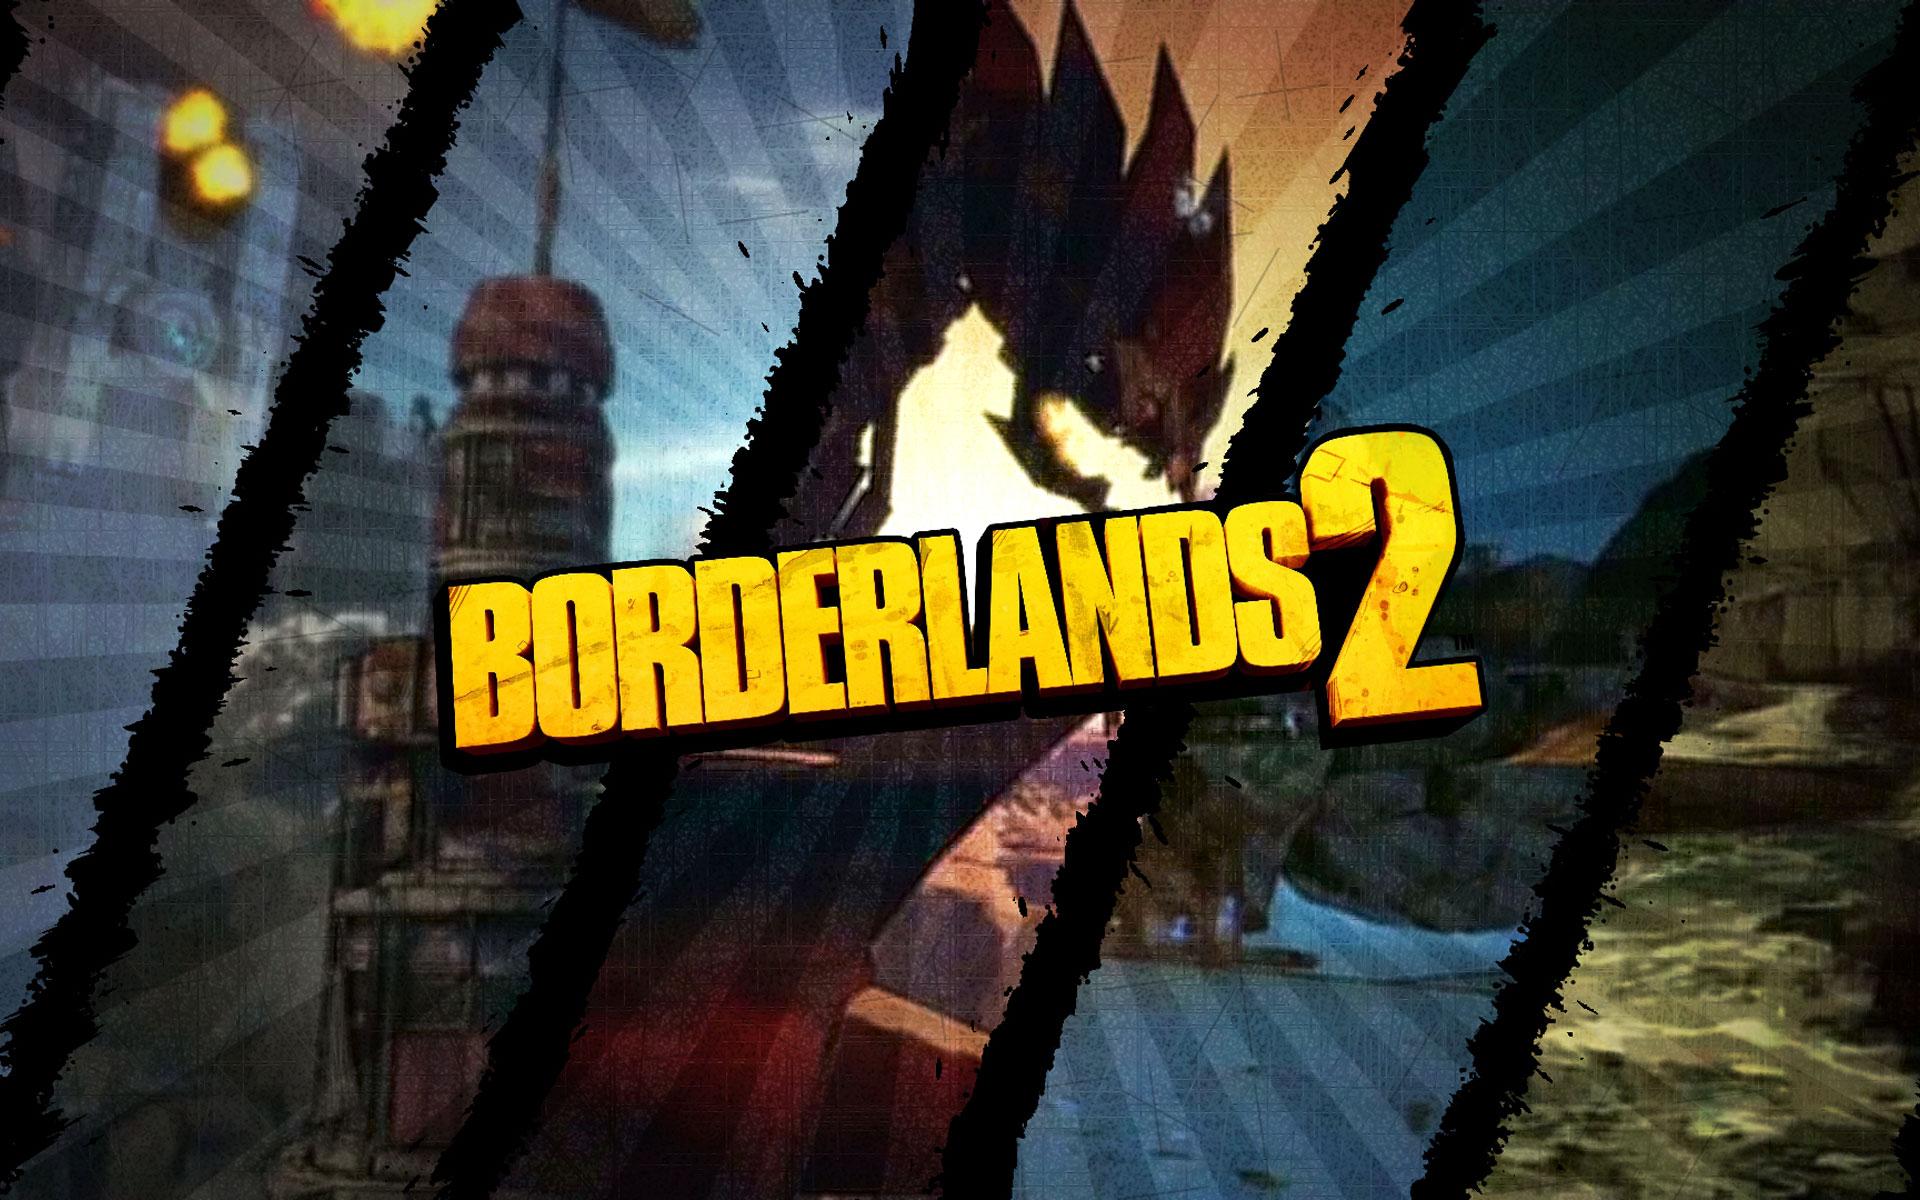 borderlands 2 wallpaper A2